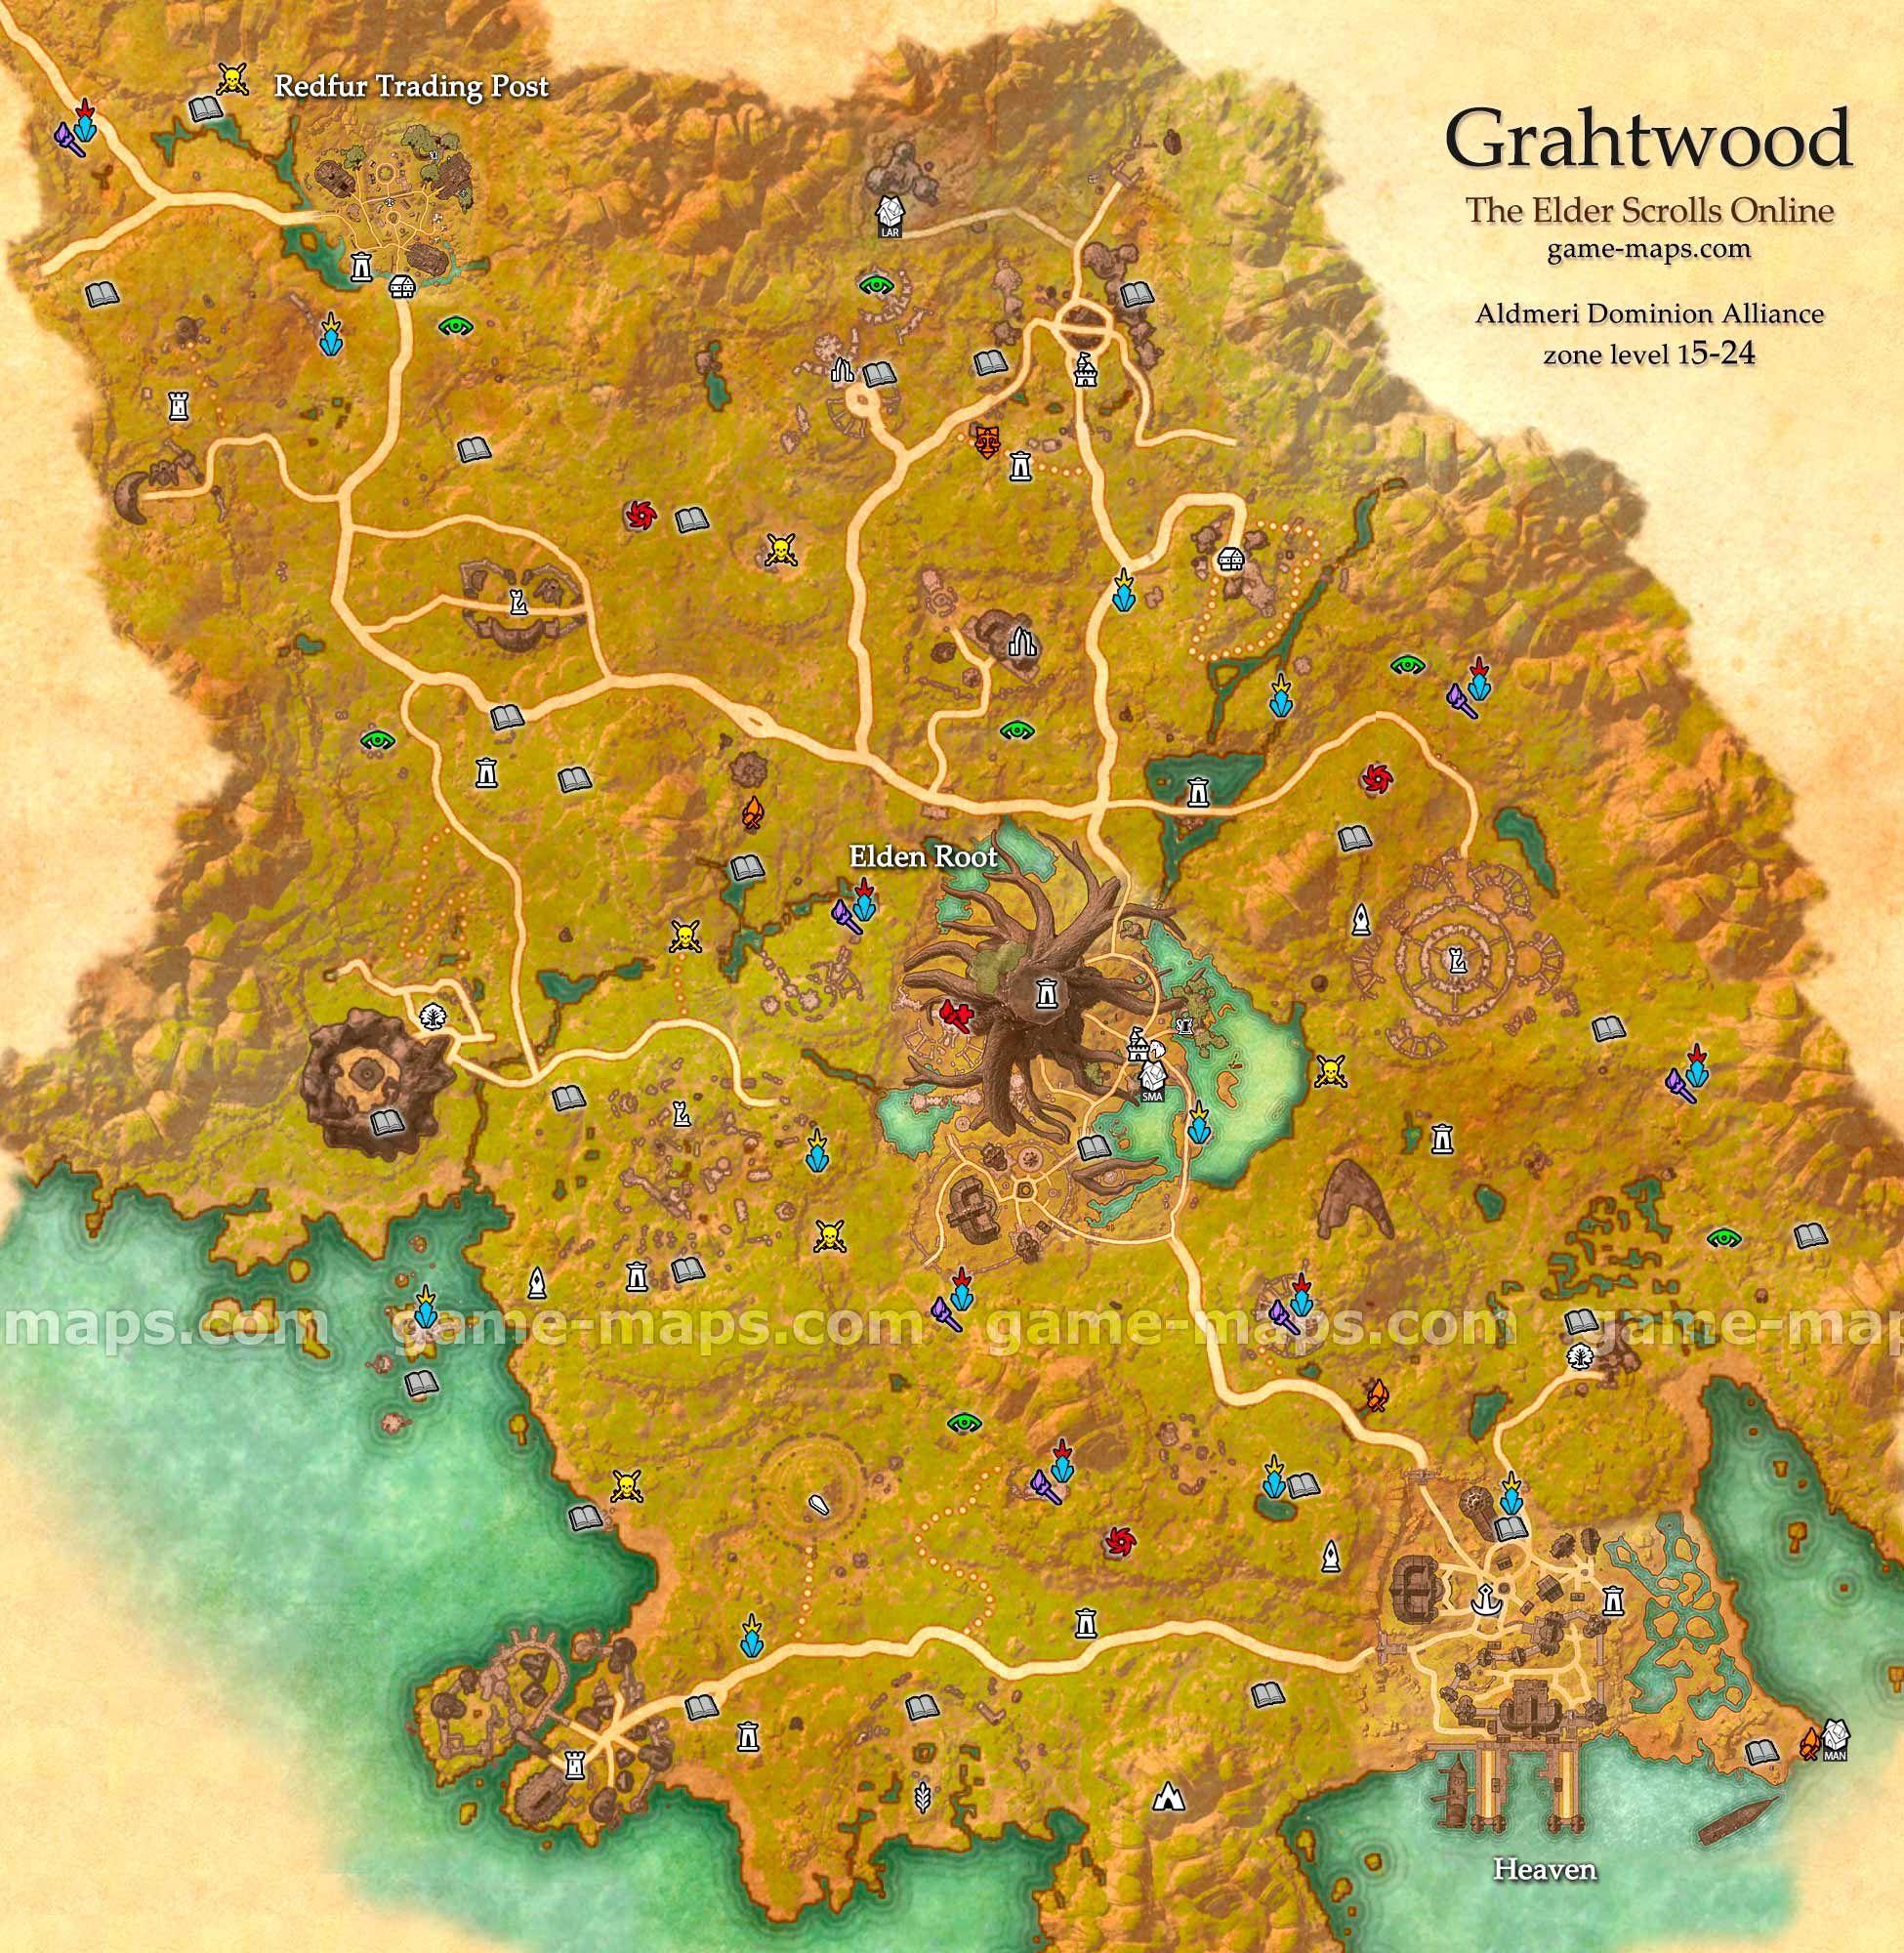 Grahtwood zone map. Heaven, Elden Root, Redfur Trading Post. Heart ...